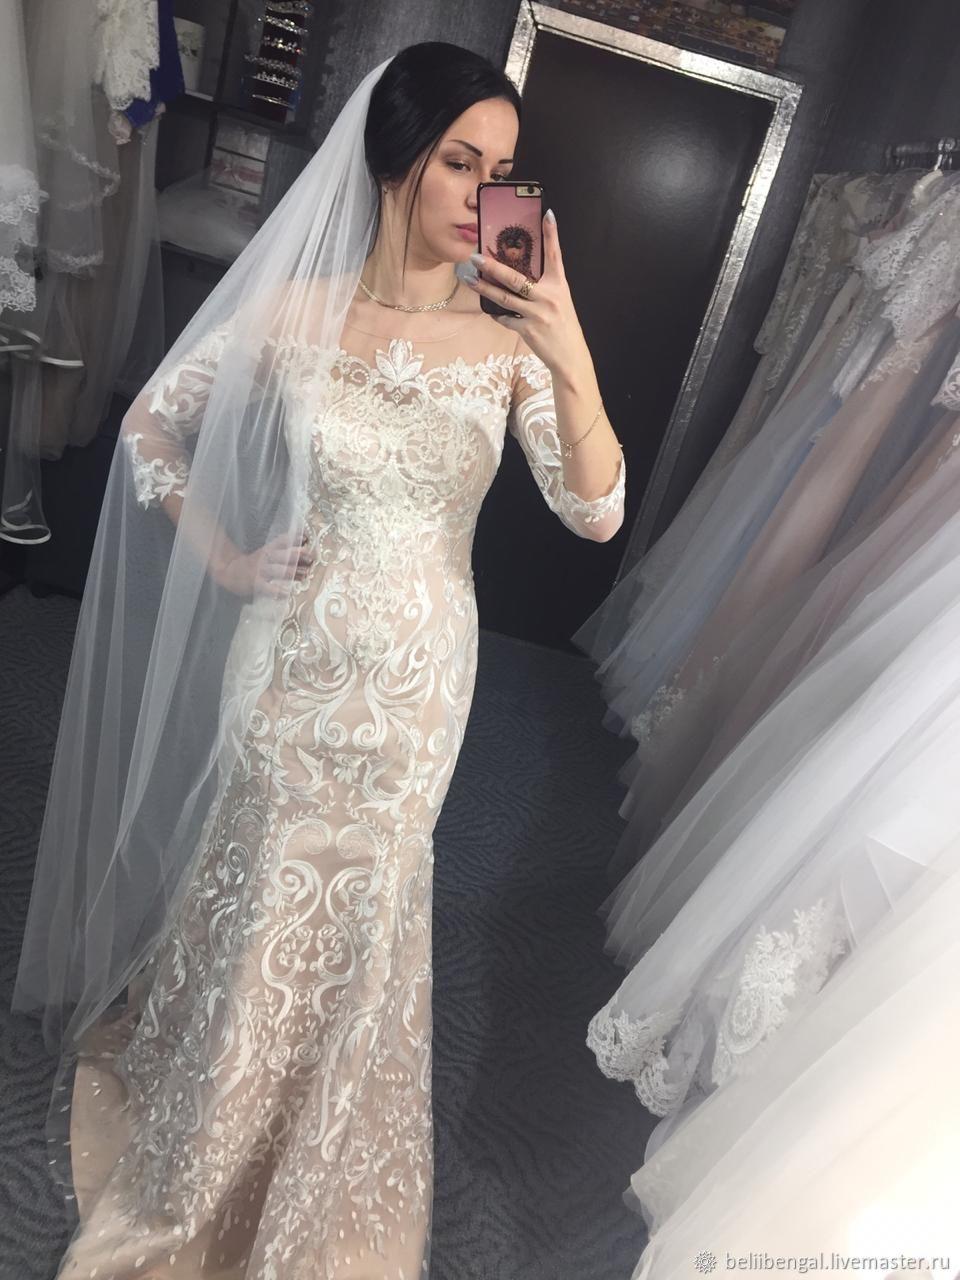 6461adb1067 Одежда и аксессуары ручной работы. Ярмарка Мастеров - ручная работа. Купить  Свадебное платье.